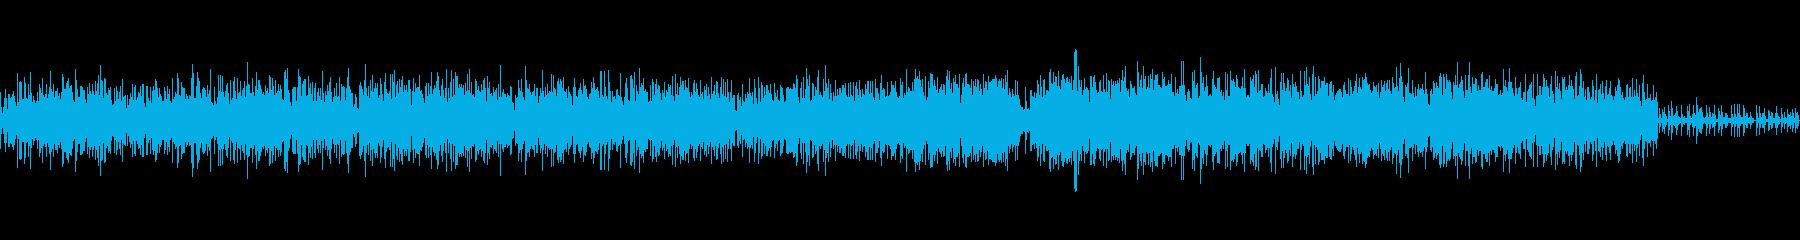 Vlog等デジタル・爽やかポップテクノの再生済みの波形